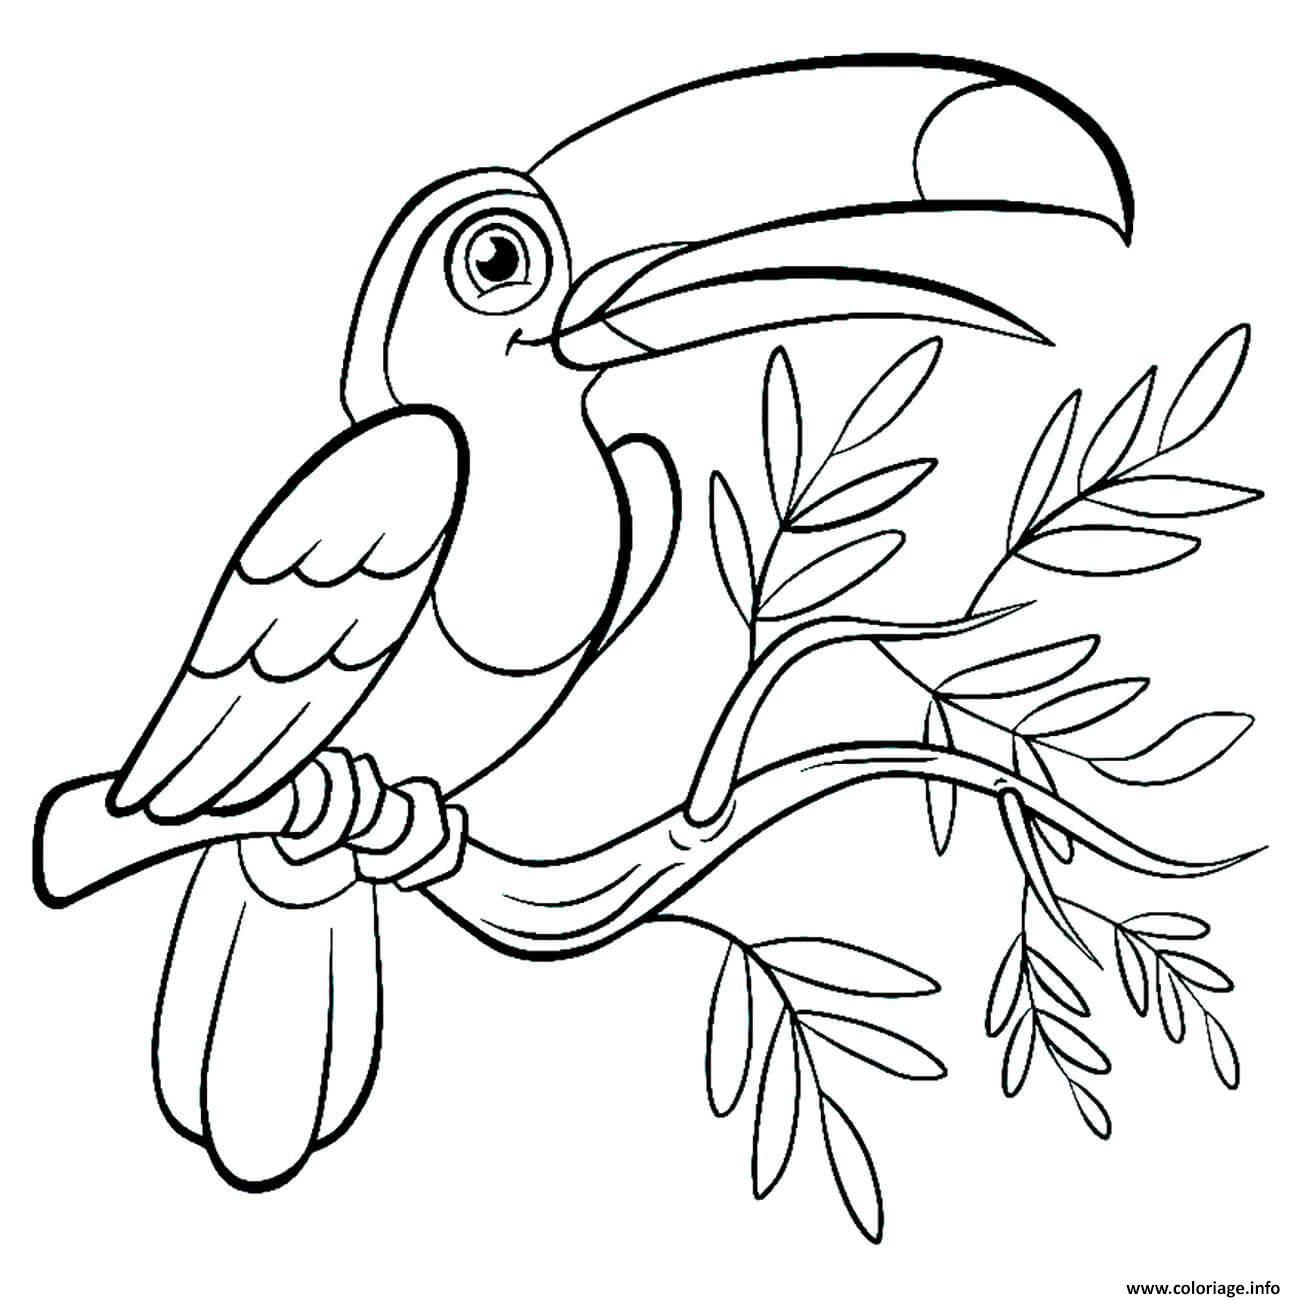 Dessin oiseau toucan toco Coloriage Gratuit à Imprimer